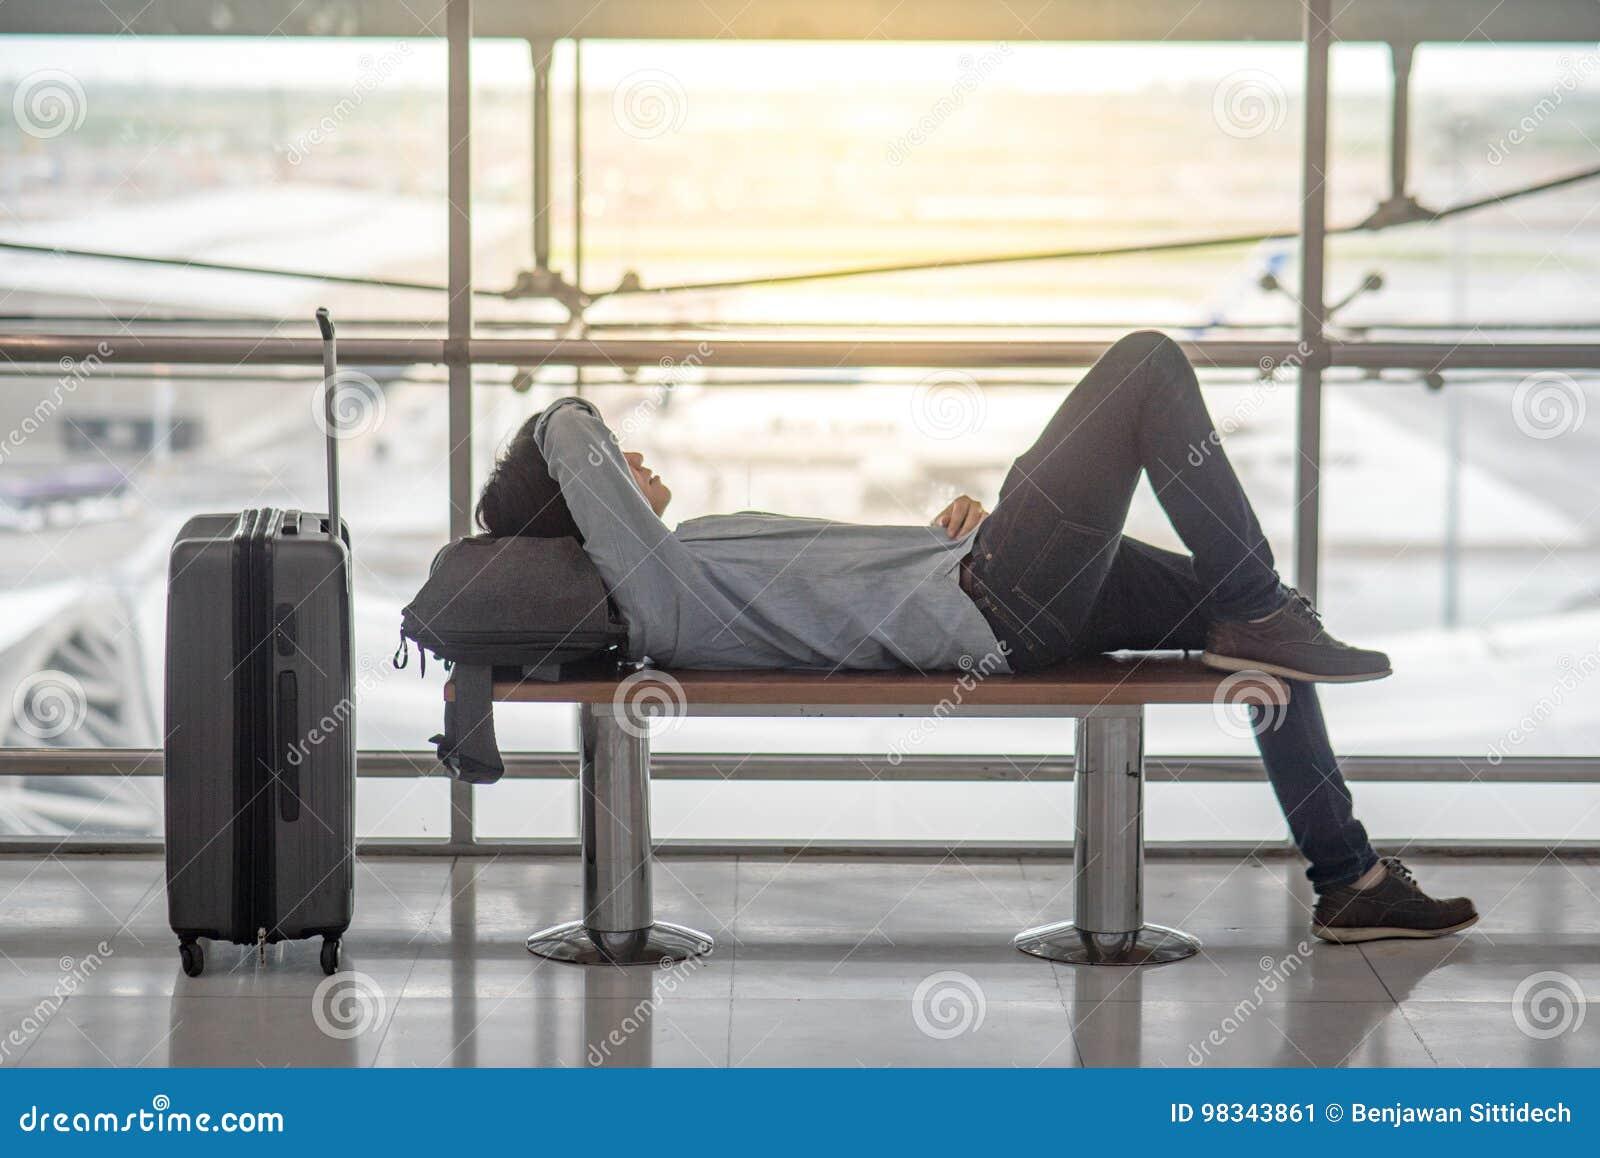 Ung asiatisk man som ligger på bänk i flygplatsterminal